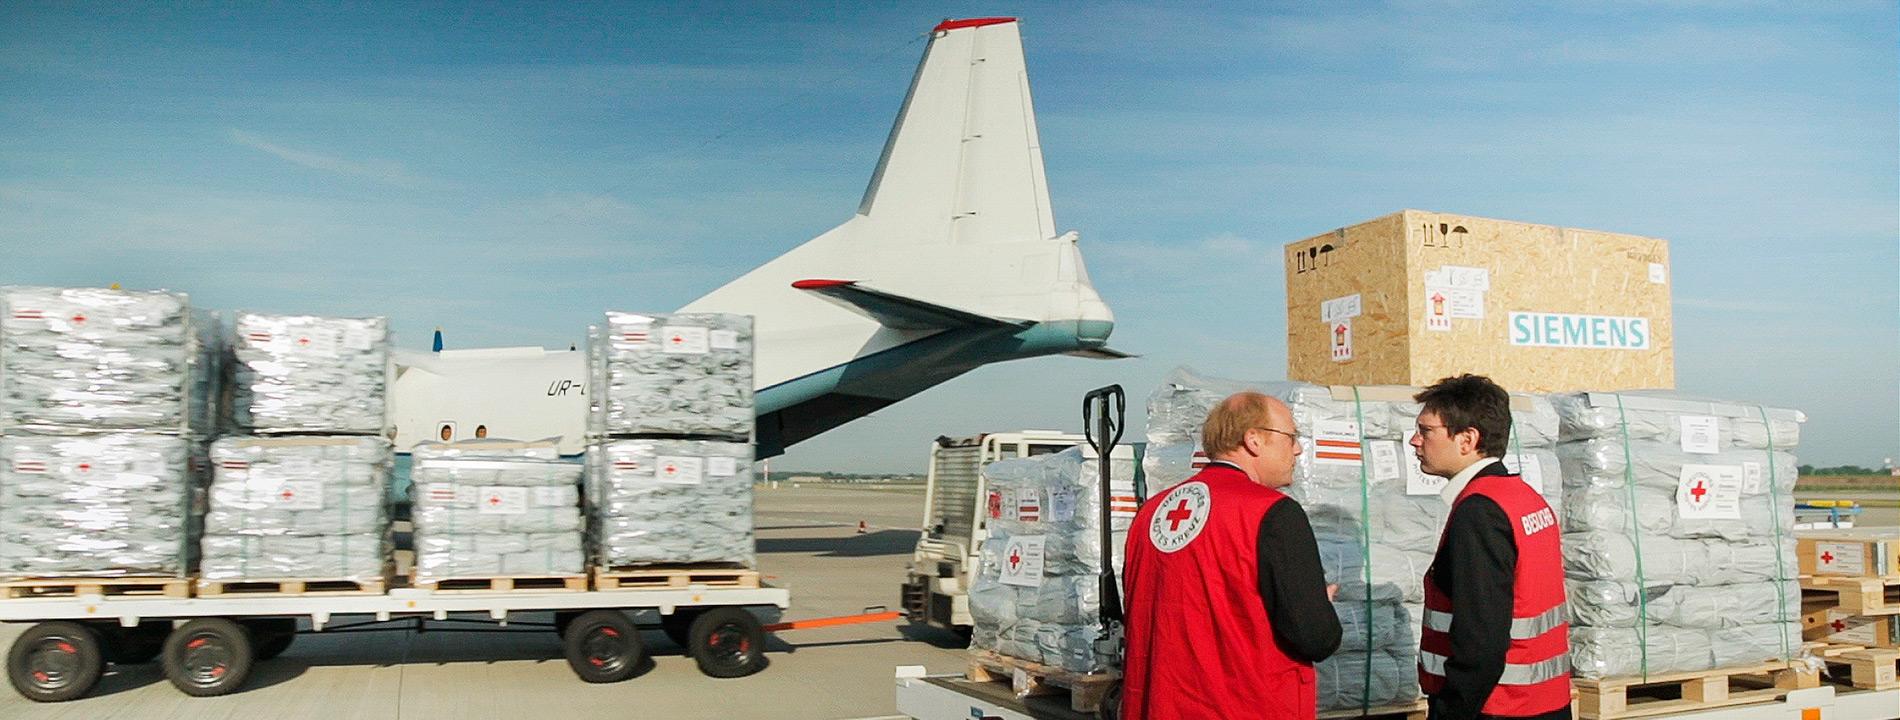 Foto: Hilfsgüter vor der Verladung in ein Flugzeug.